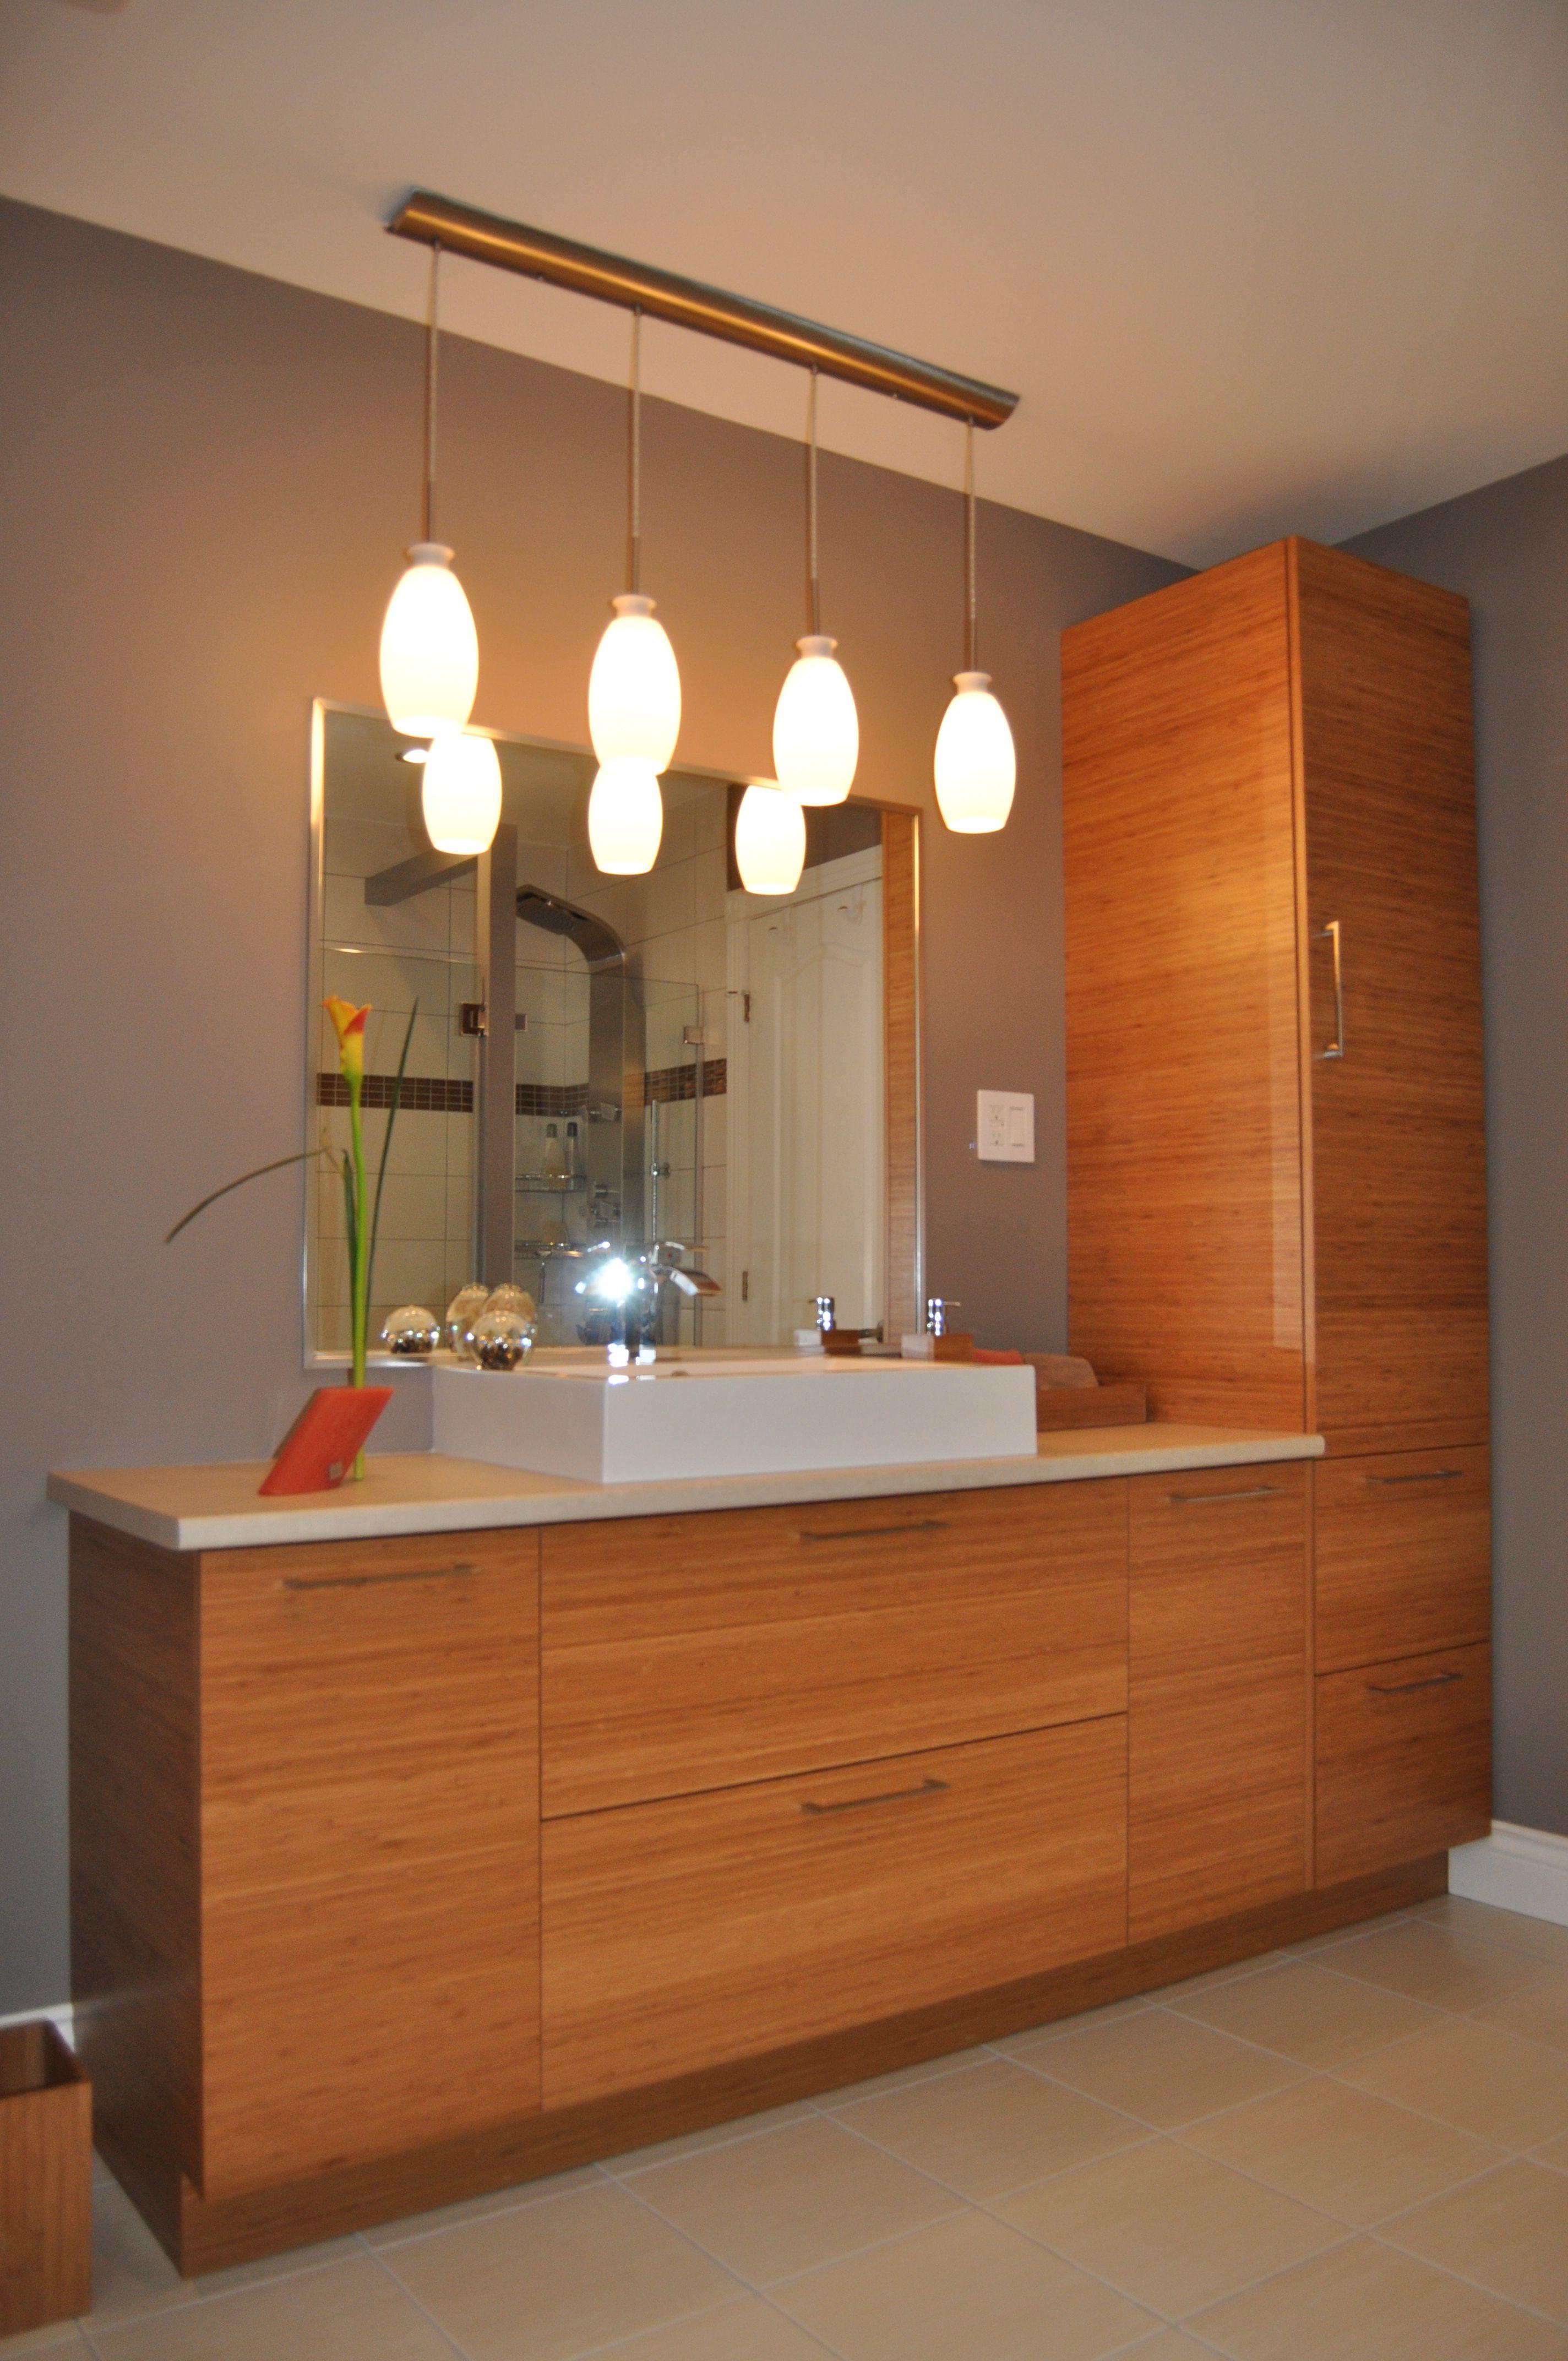 Vanit en bambou dor salle de bain bathroom washroom et bathroom cabinets - Set salle de bain bambou ...